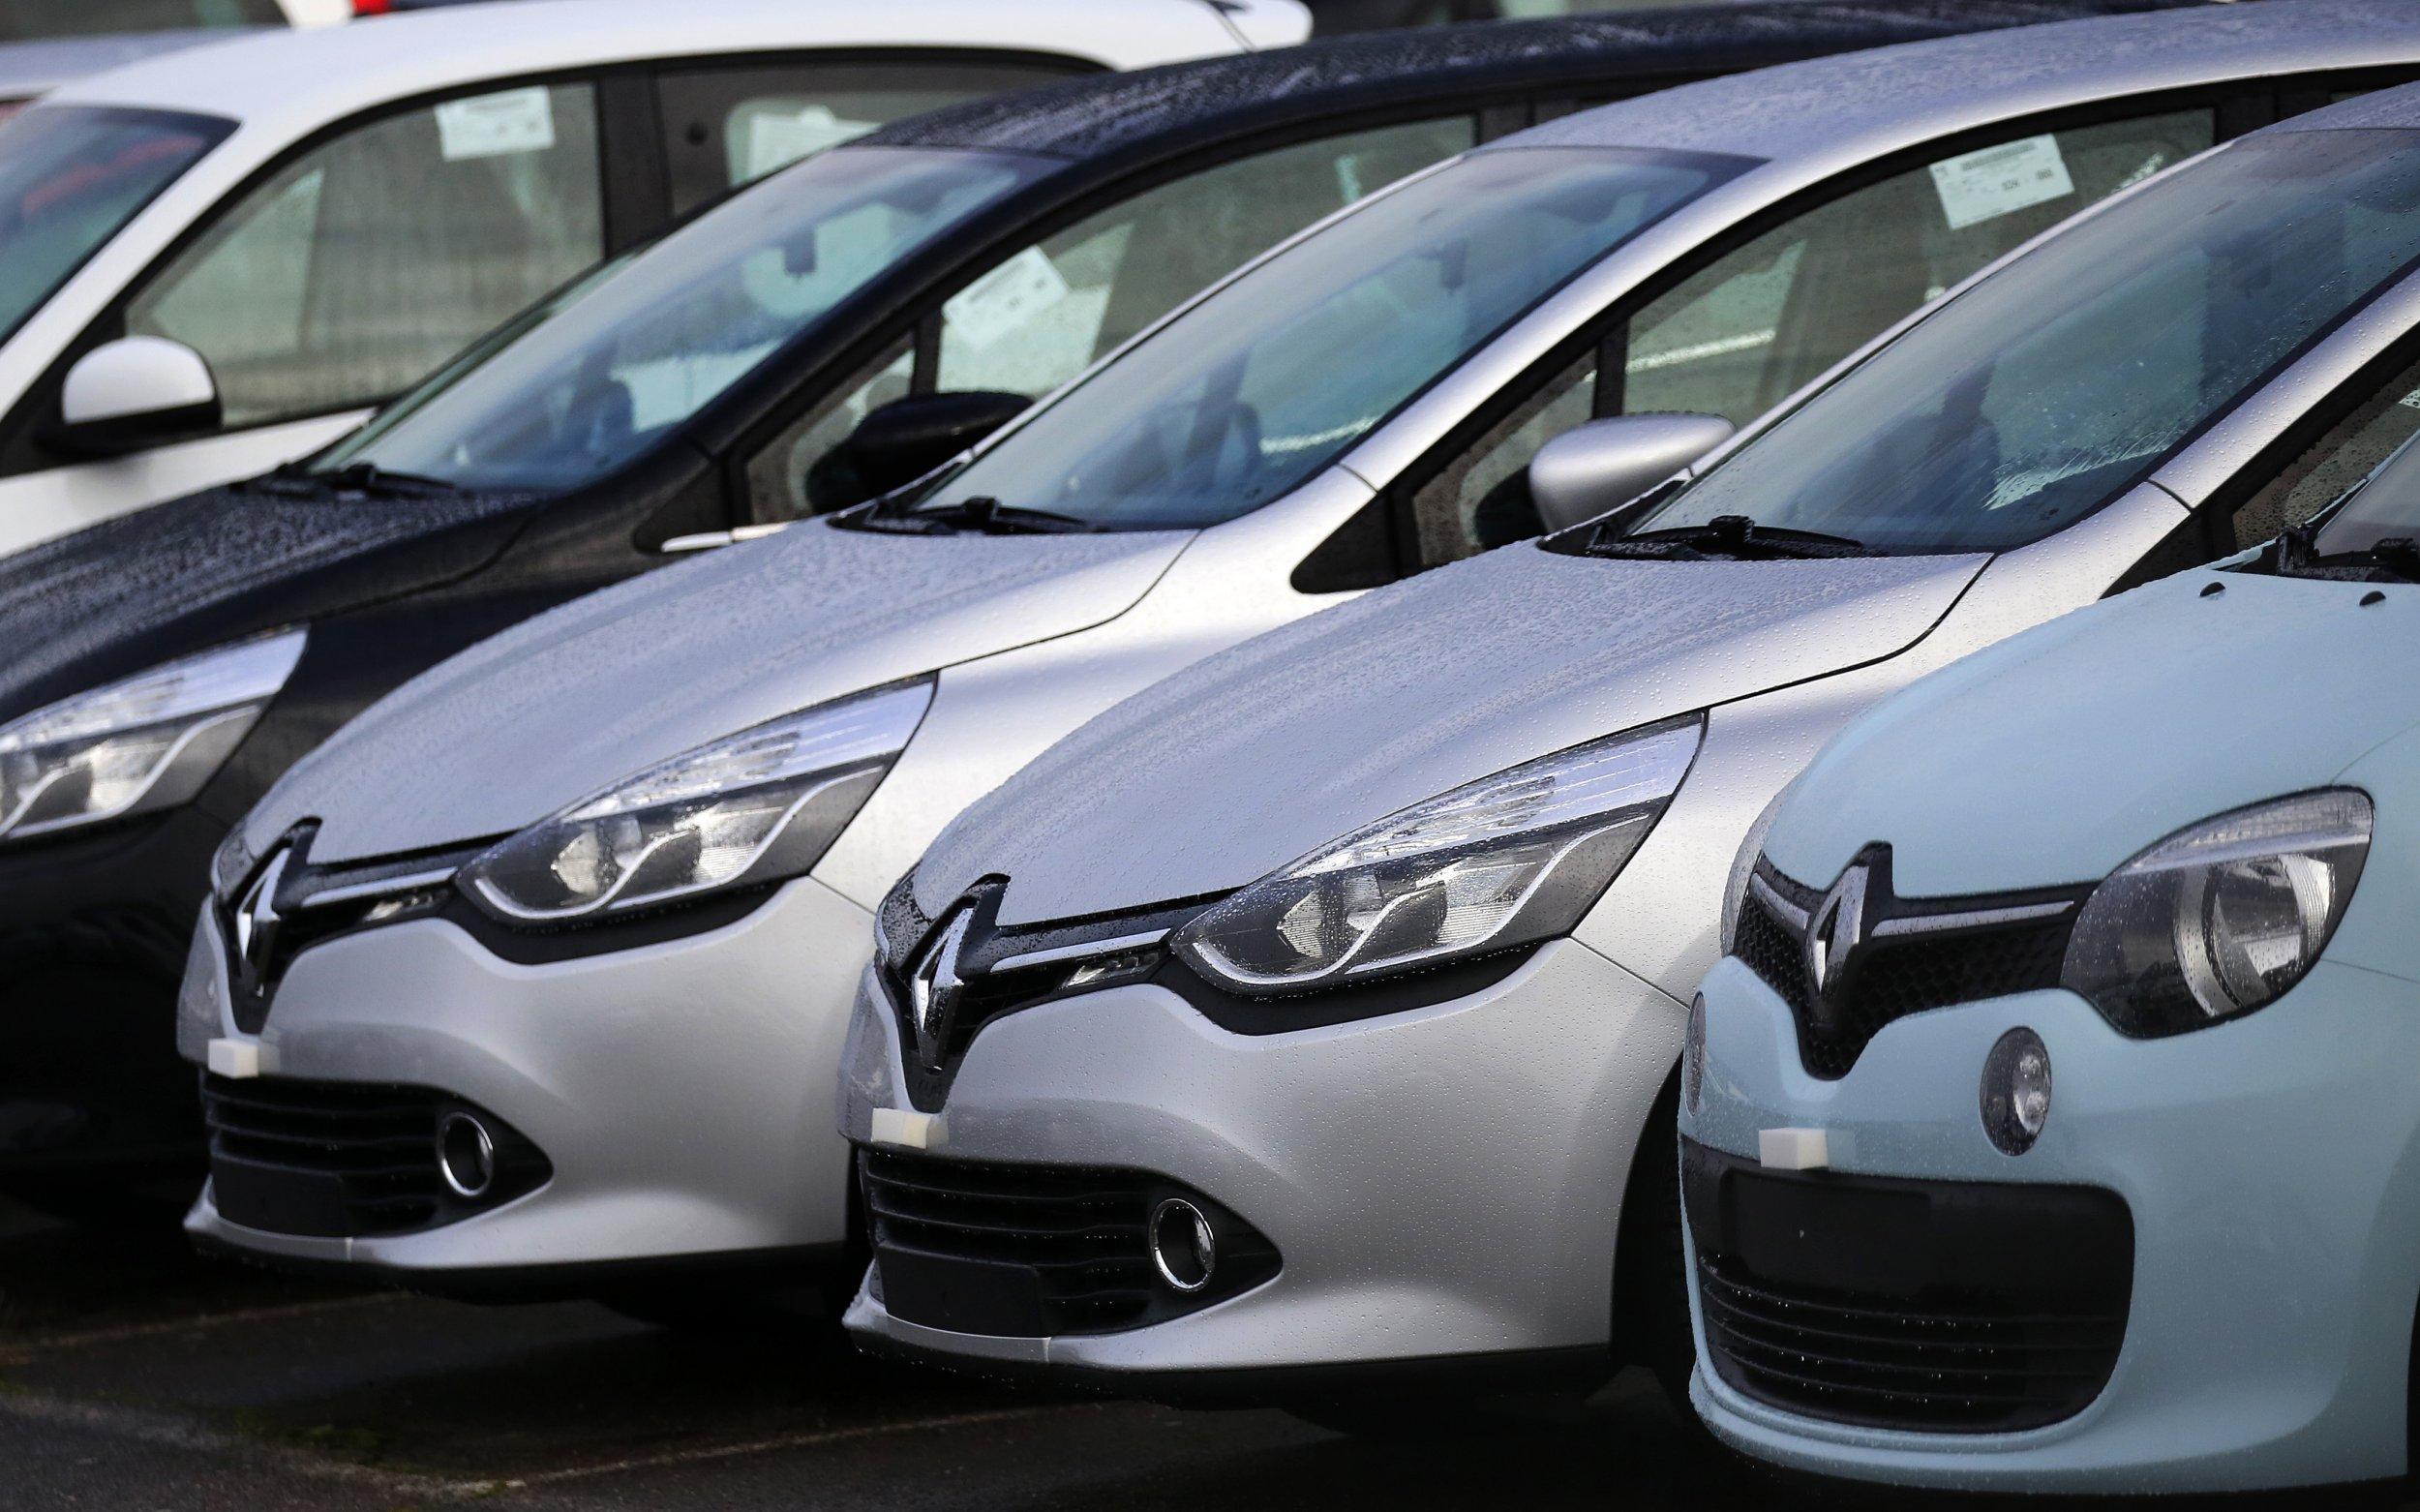 0119_Renault_cars